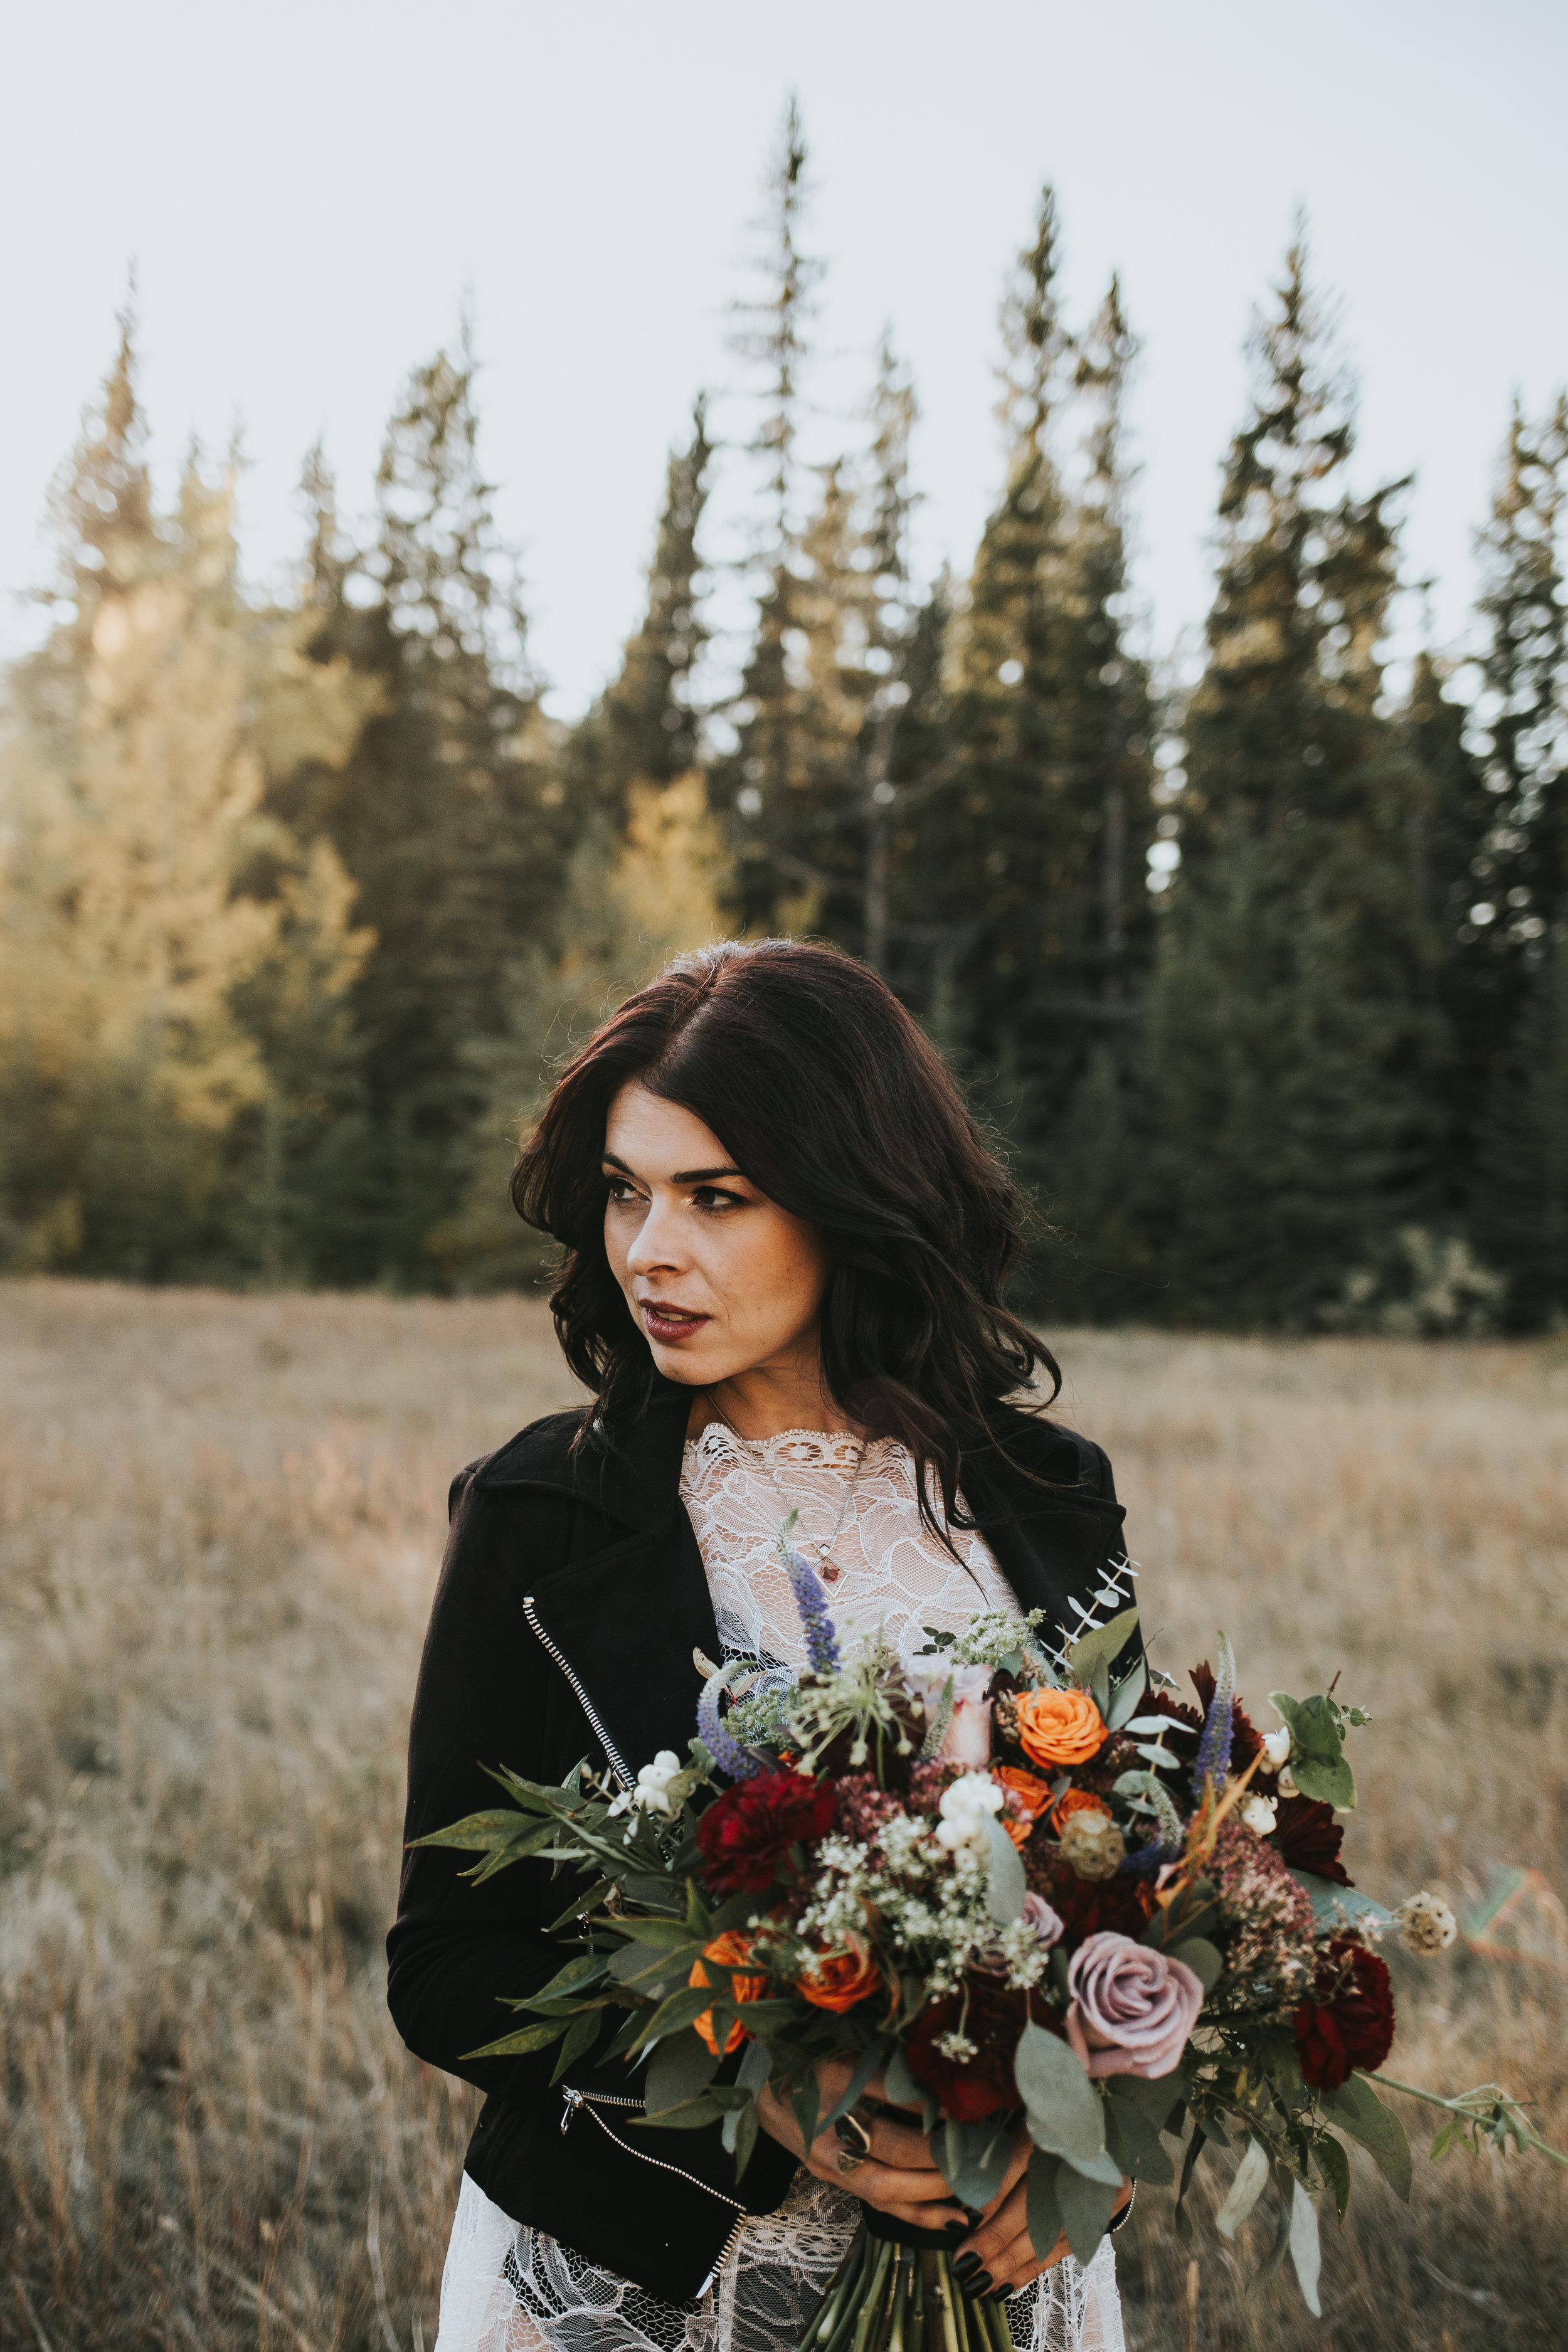 rustic wedding flowers in calgary, alberta